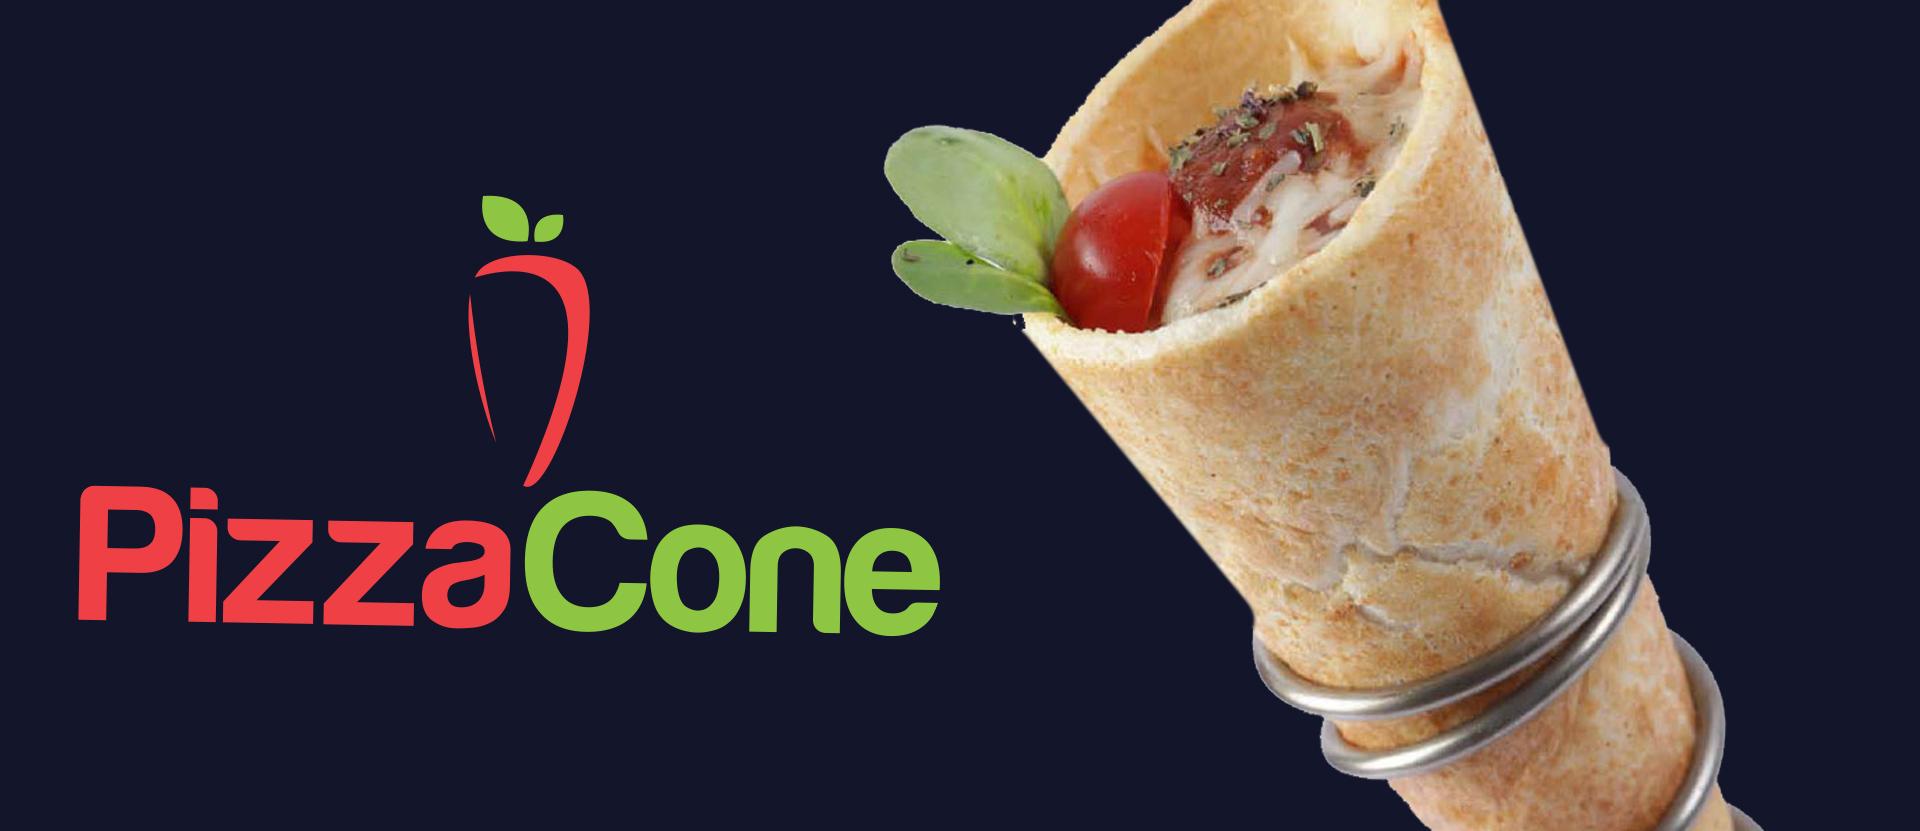 pizza cone banner